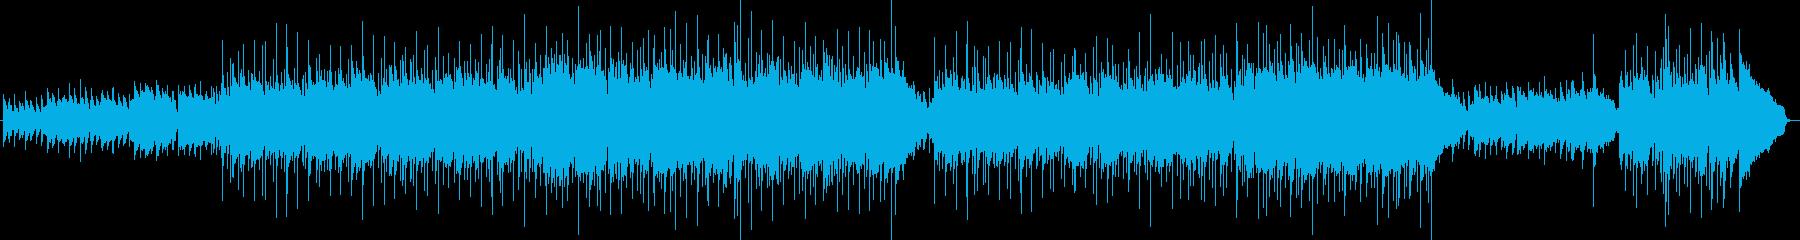 メロディックなスローバラードの再生済みの波形